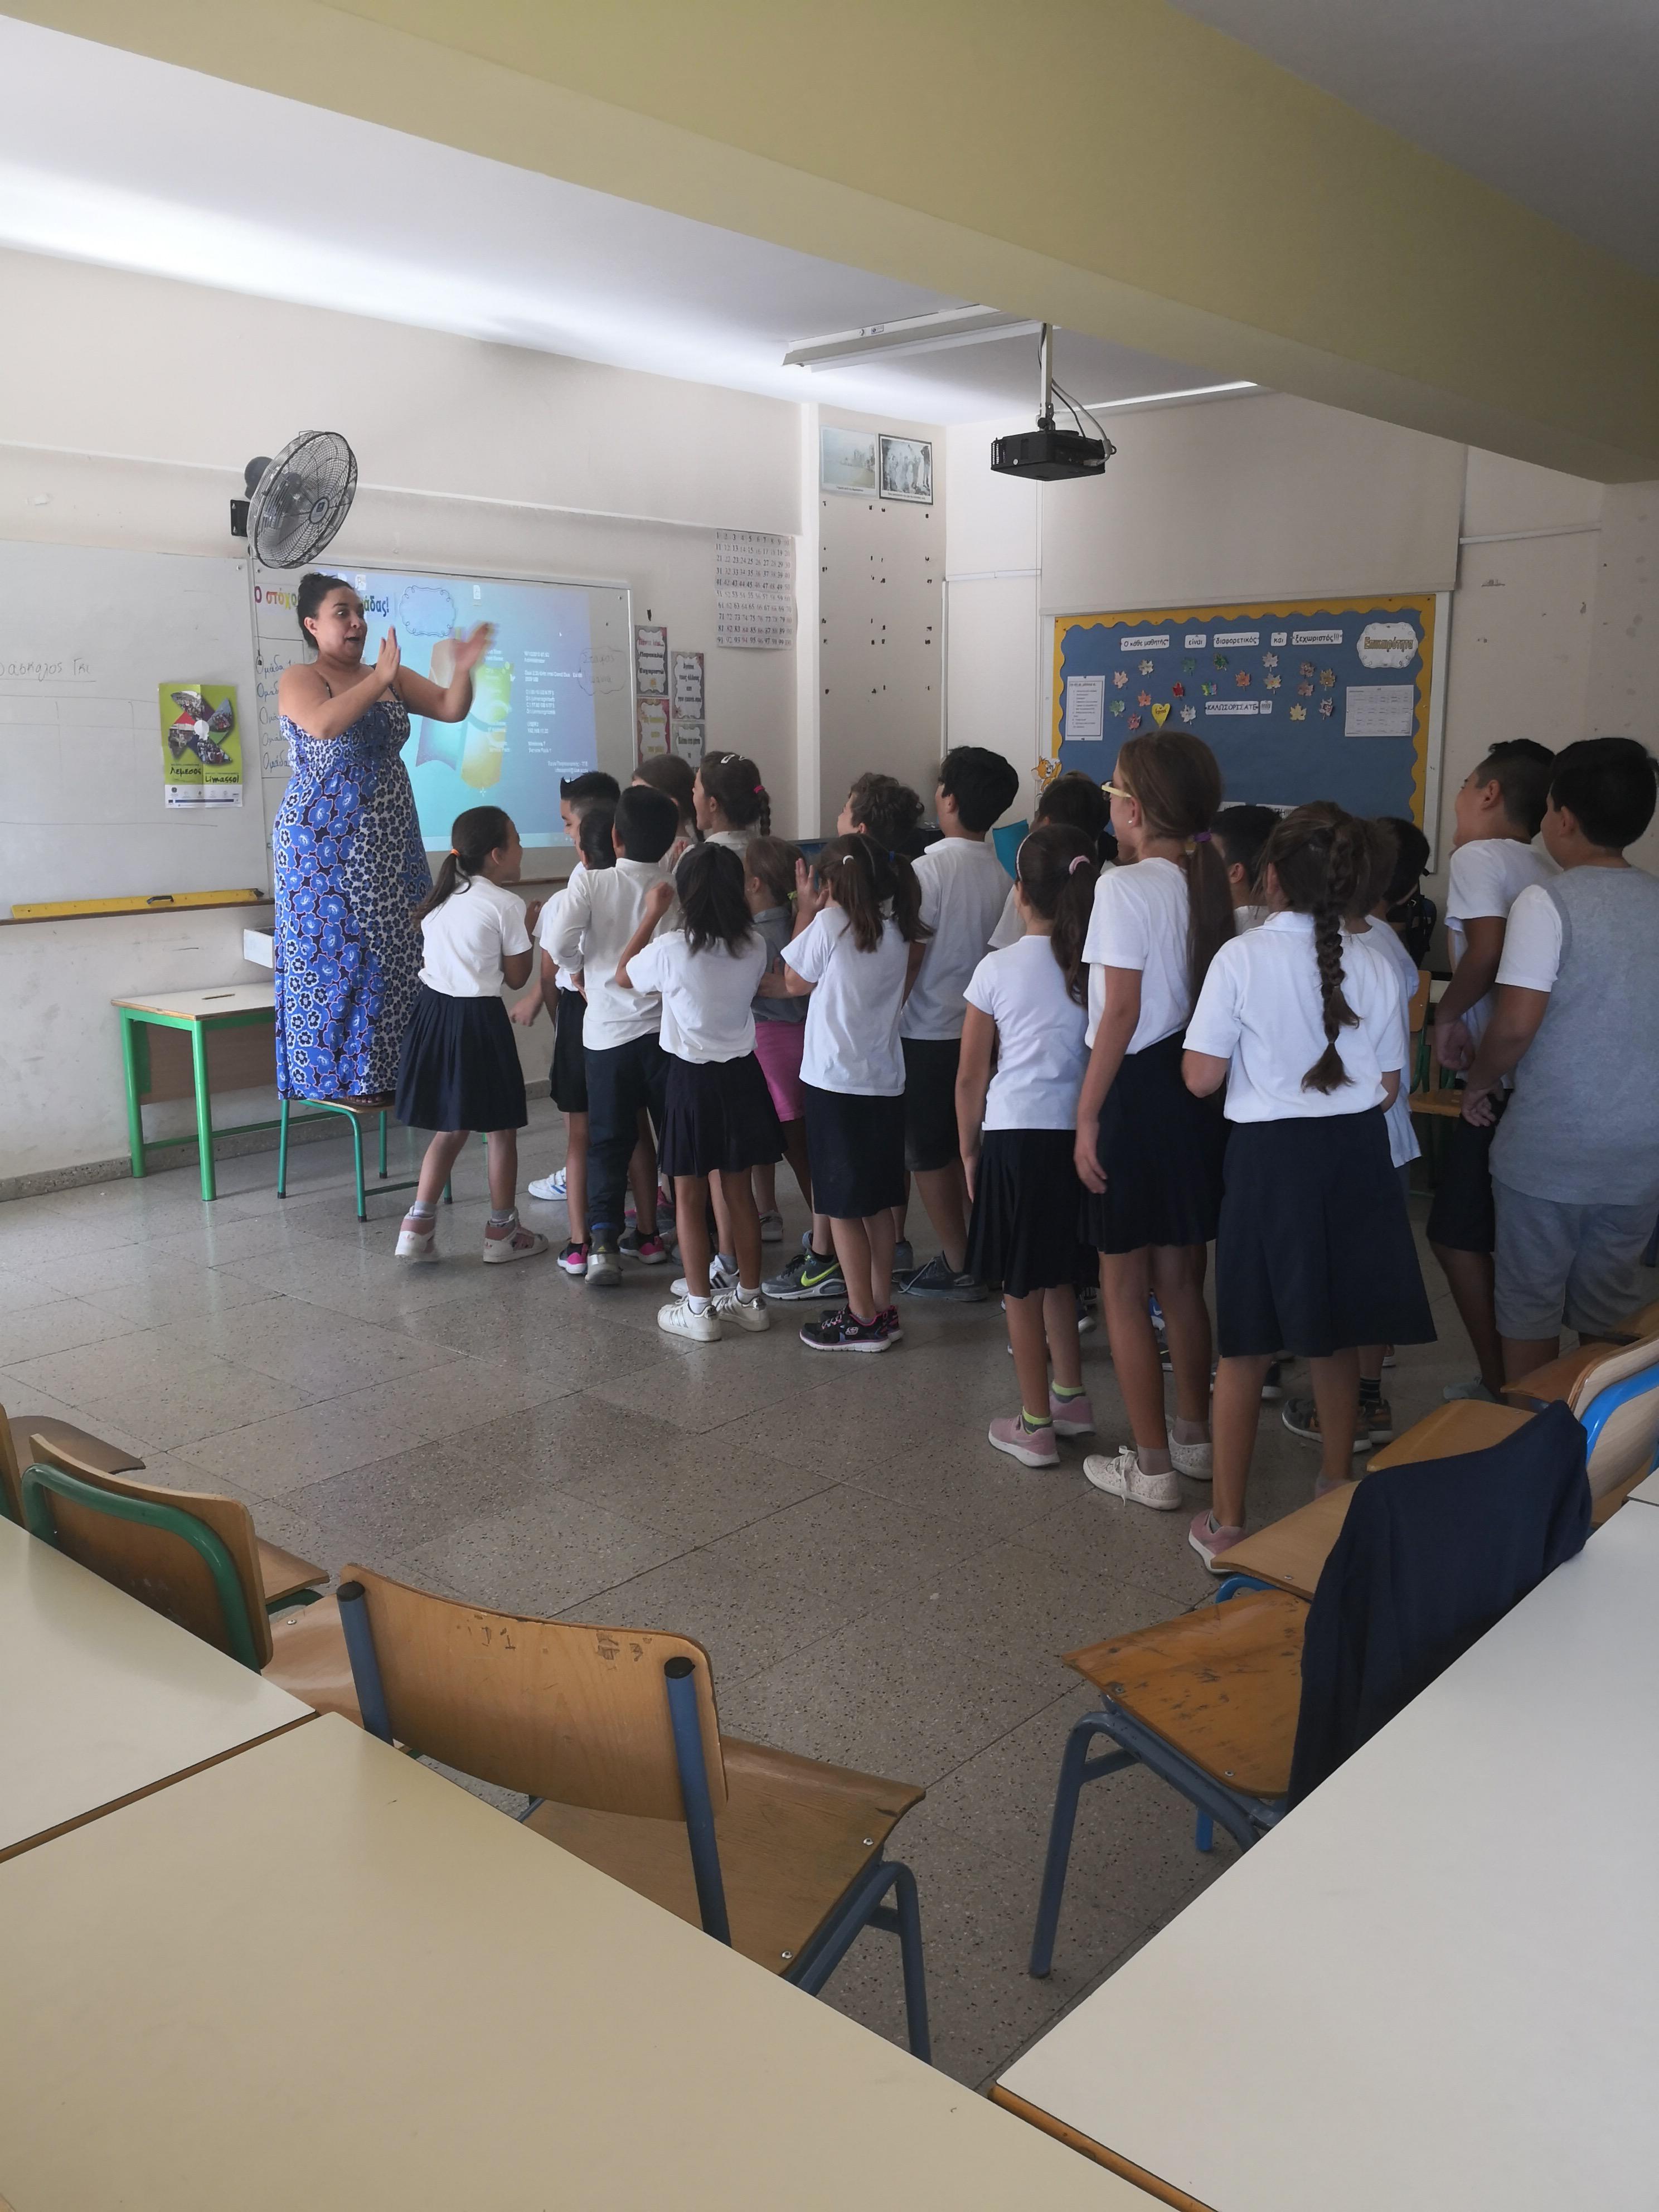 Εργαστήρι για την αποδοχή της διαφορετικότητας μέσω του θεάτρου – Δήμος Λεμεσού (Σεπτέμβριος 2018)